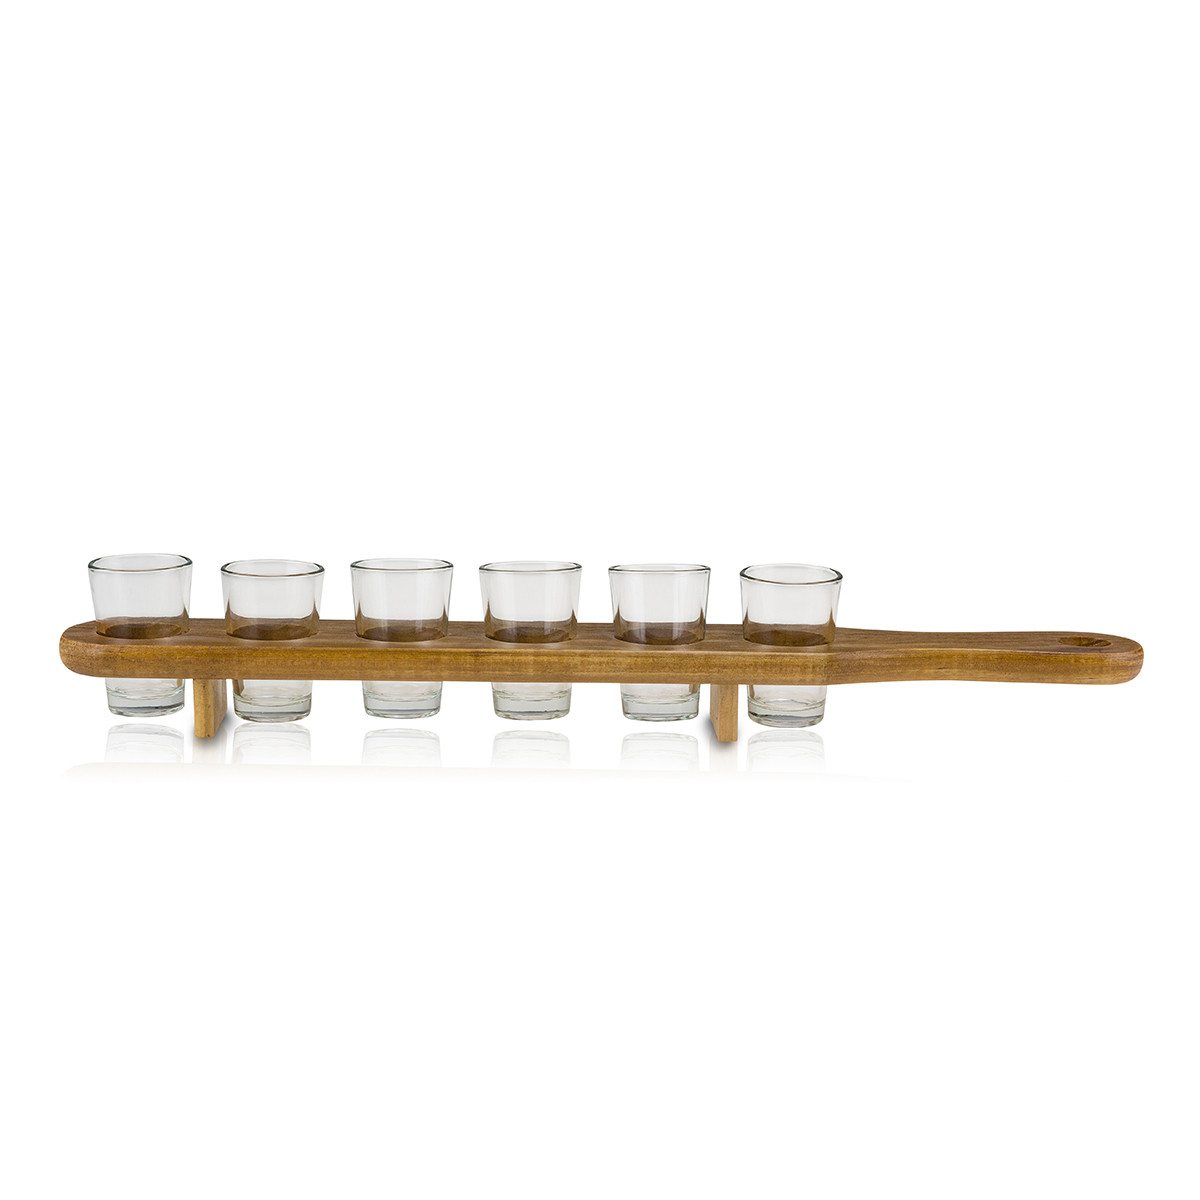 Shotsbræt med 6 shotglas - med og uden indgravering